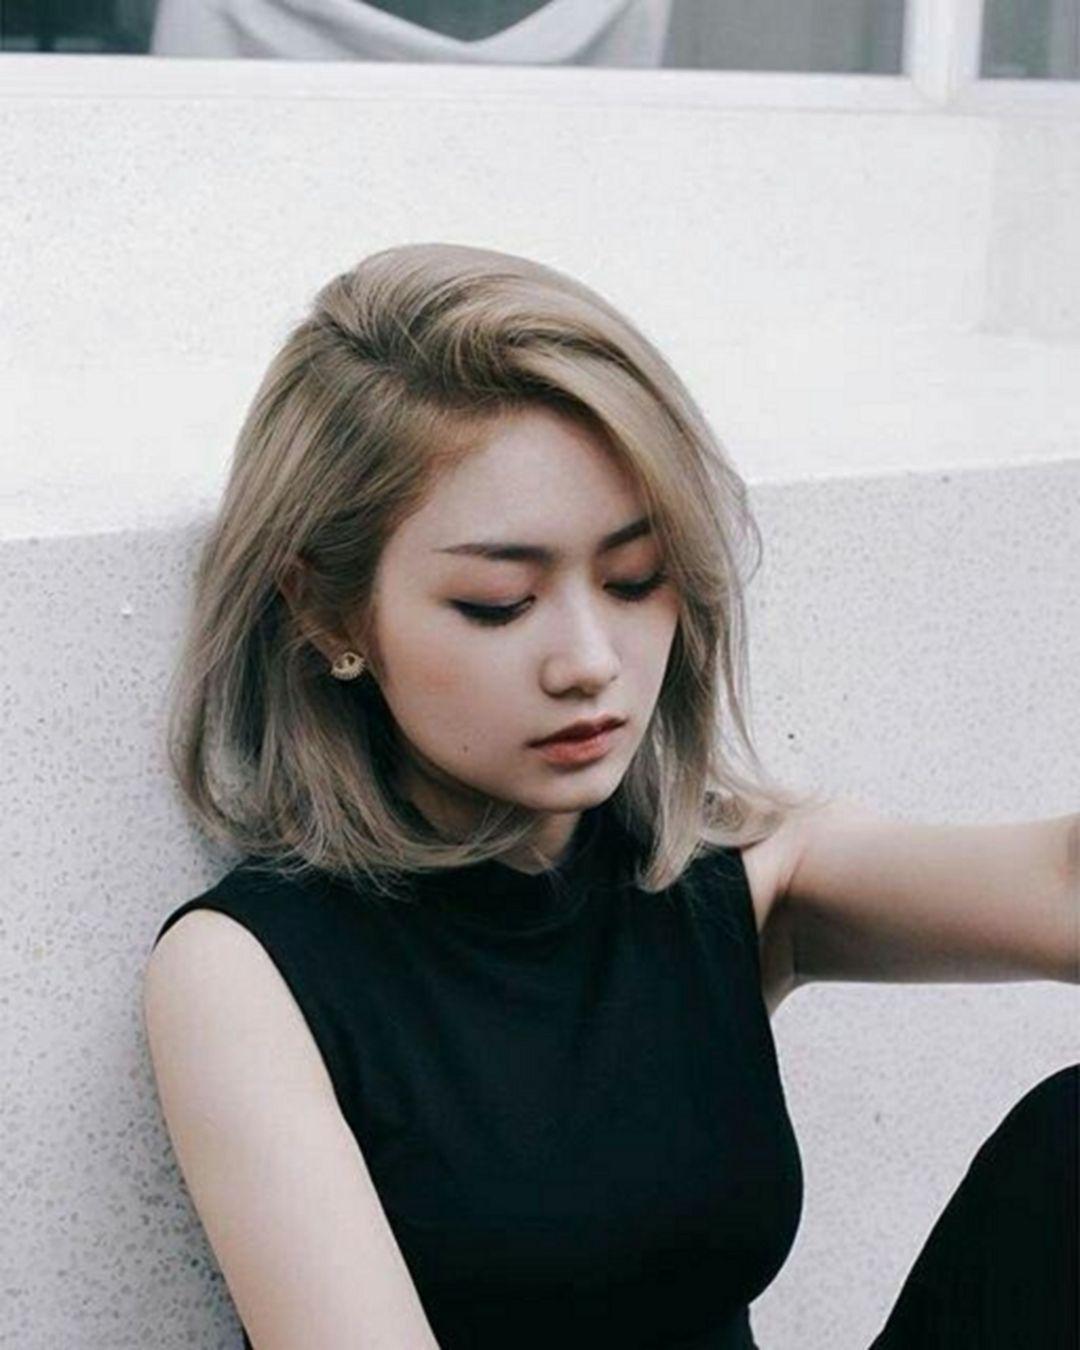 Kurze Bob Frisuren Asian - Neu haar Frisuren 10 in 10  Asian